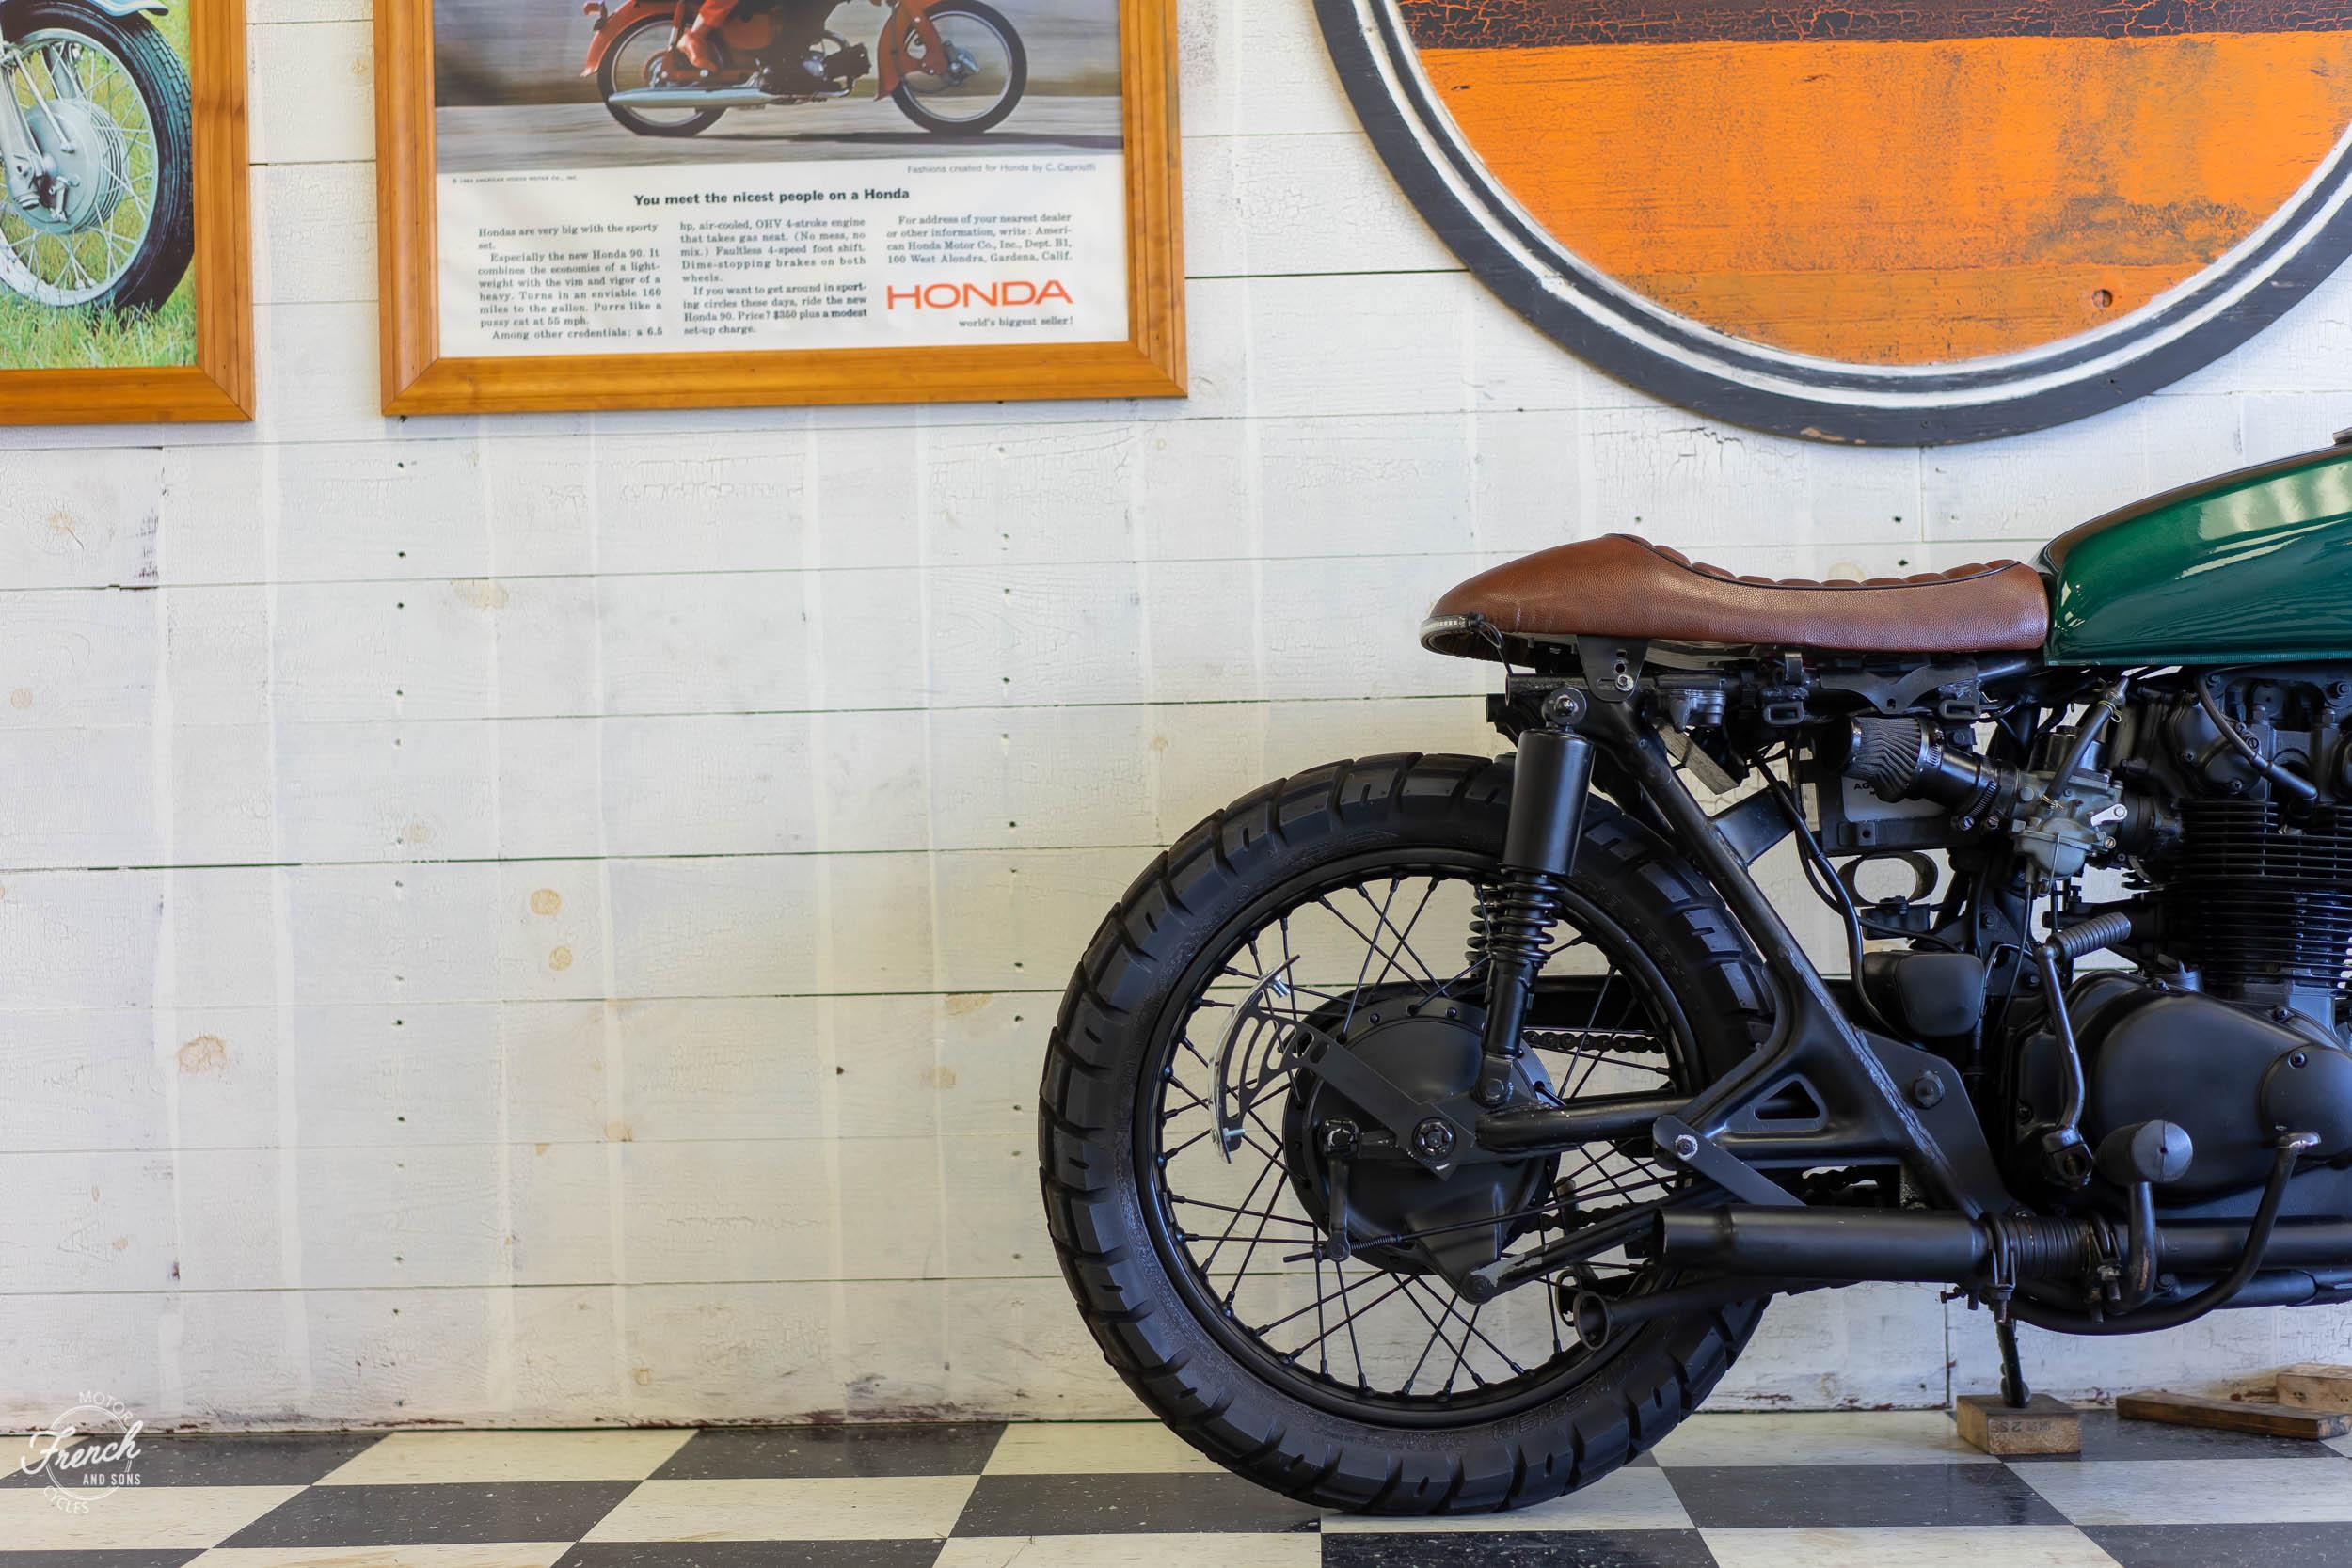 1974_honda_cb450_cafe_racer-3.jpg